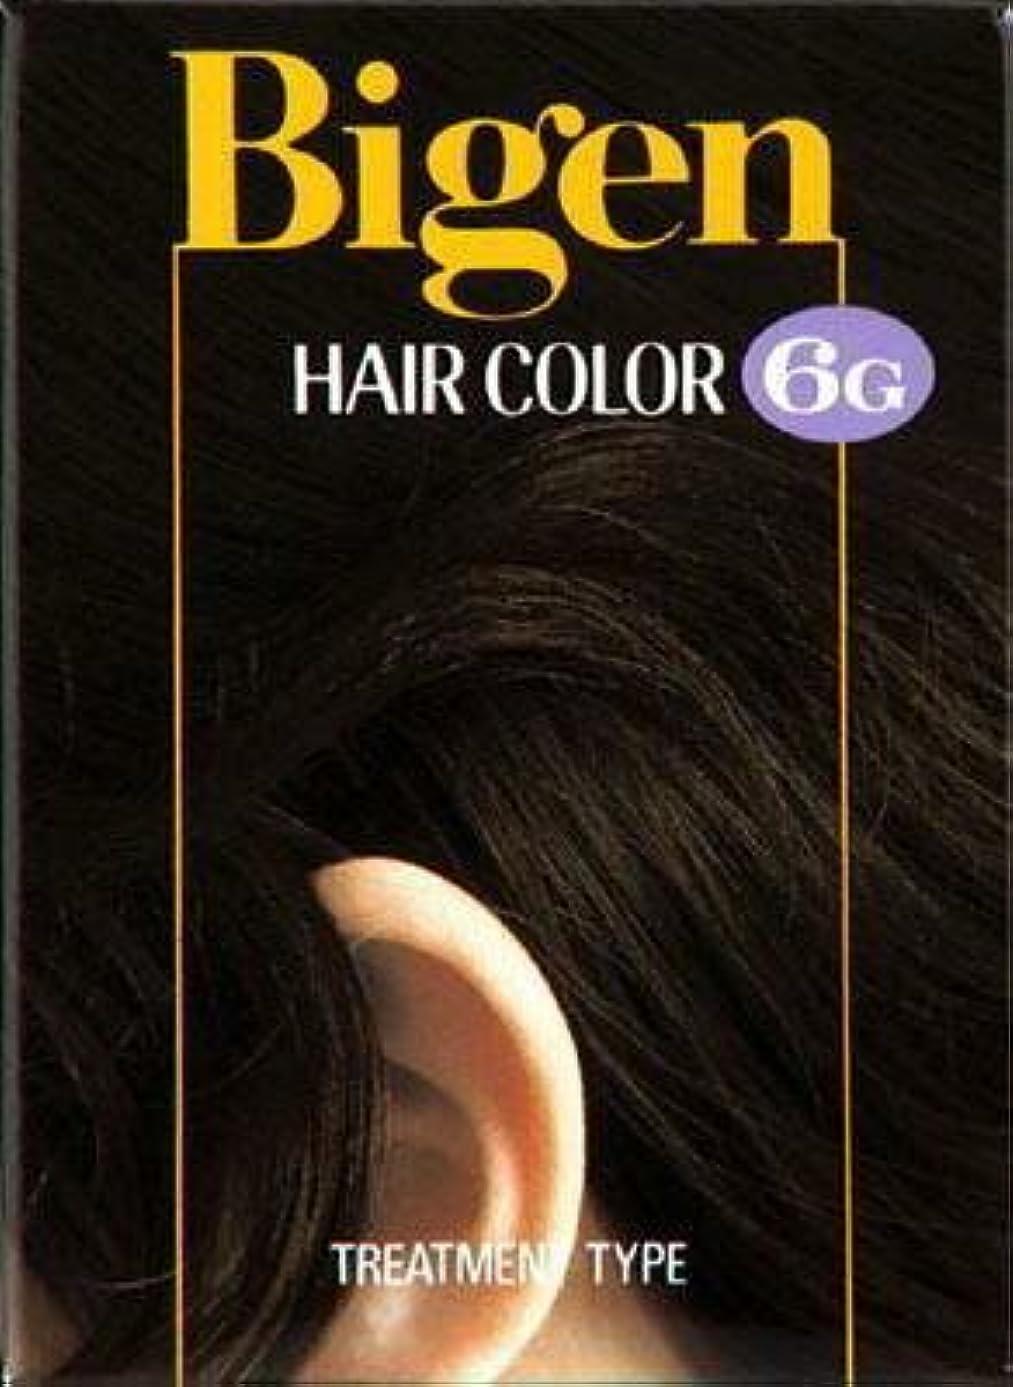 遺産合計繊毛ビゲン ヘアカラー 6G 自然な褐色 × 10個セット